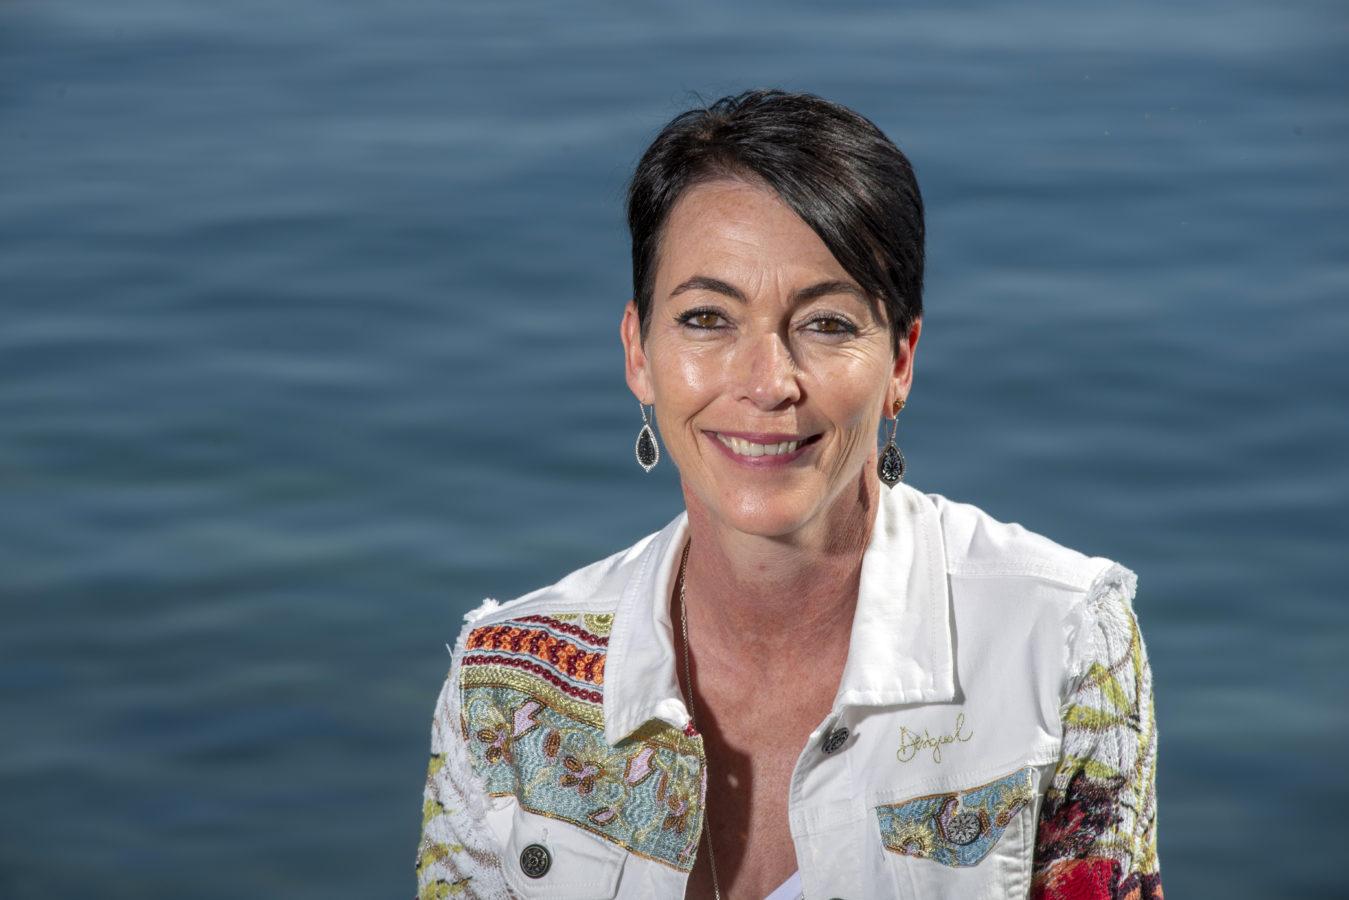 Interview de Katia Conti:  Rien ne vaut la bonne vieille méthode, c'est-à-dire passer du temps avec les personnes